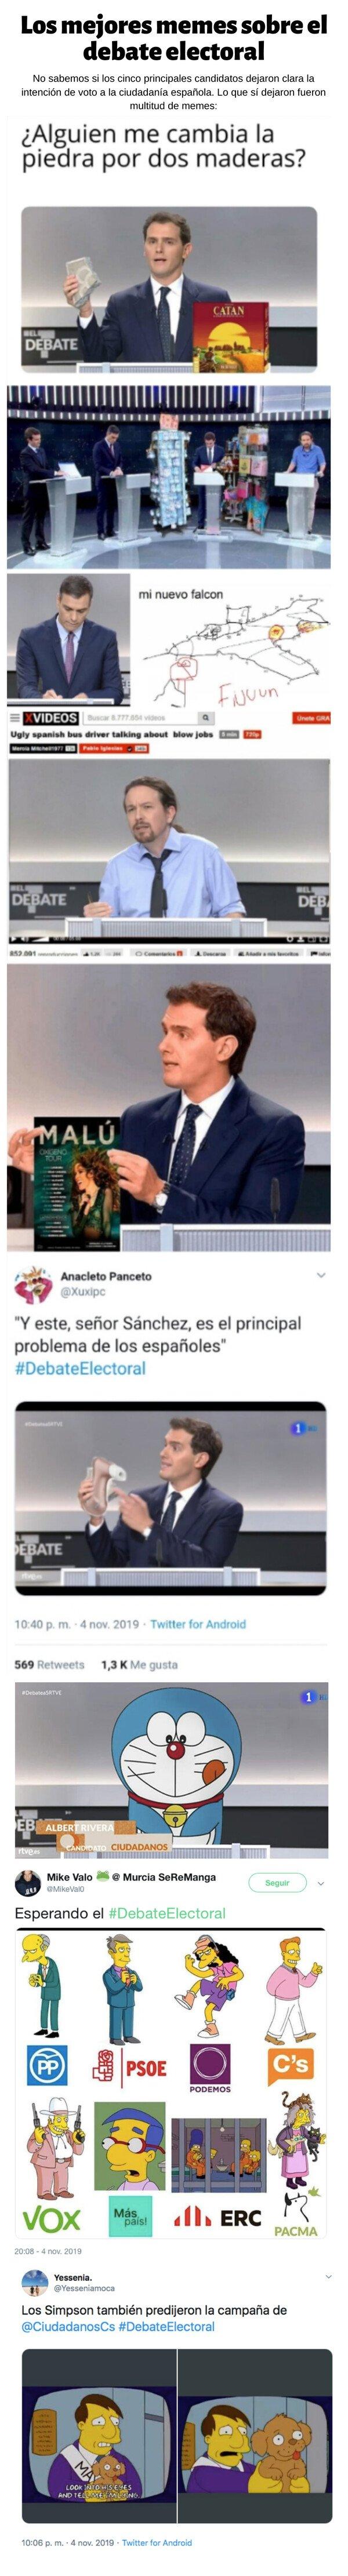 Meme_otros - Los mejores memes sobre el debate electoral